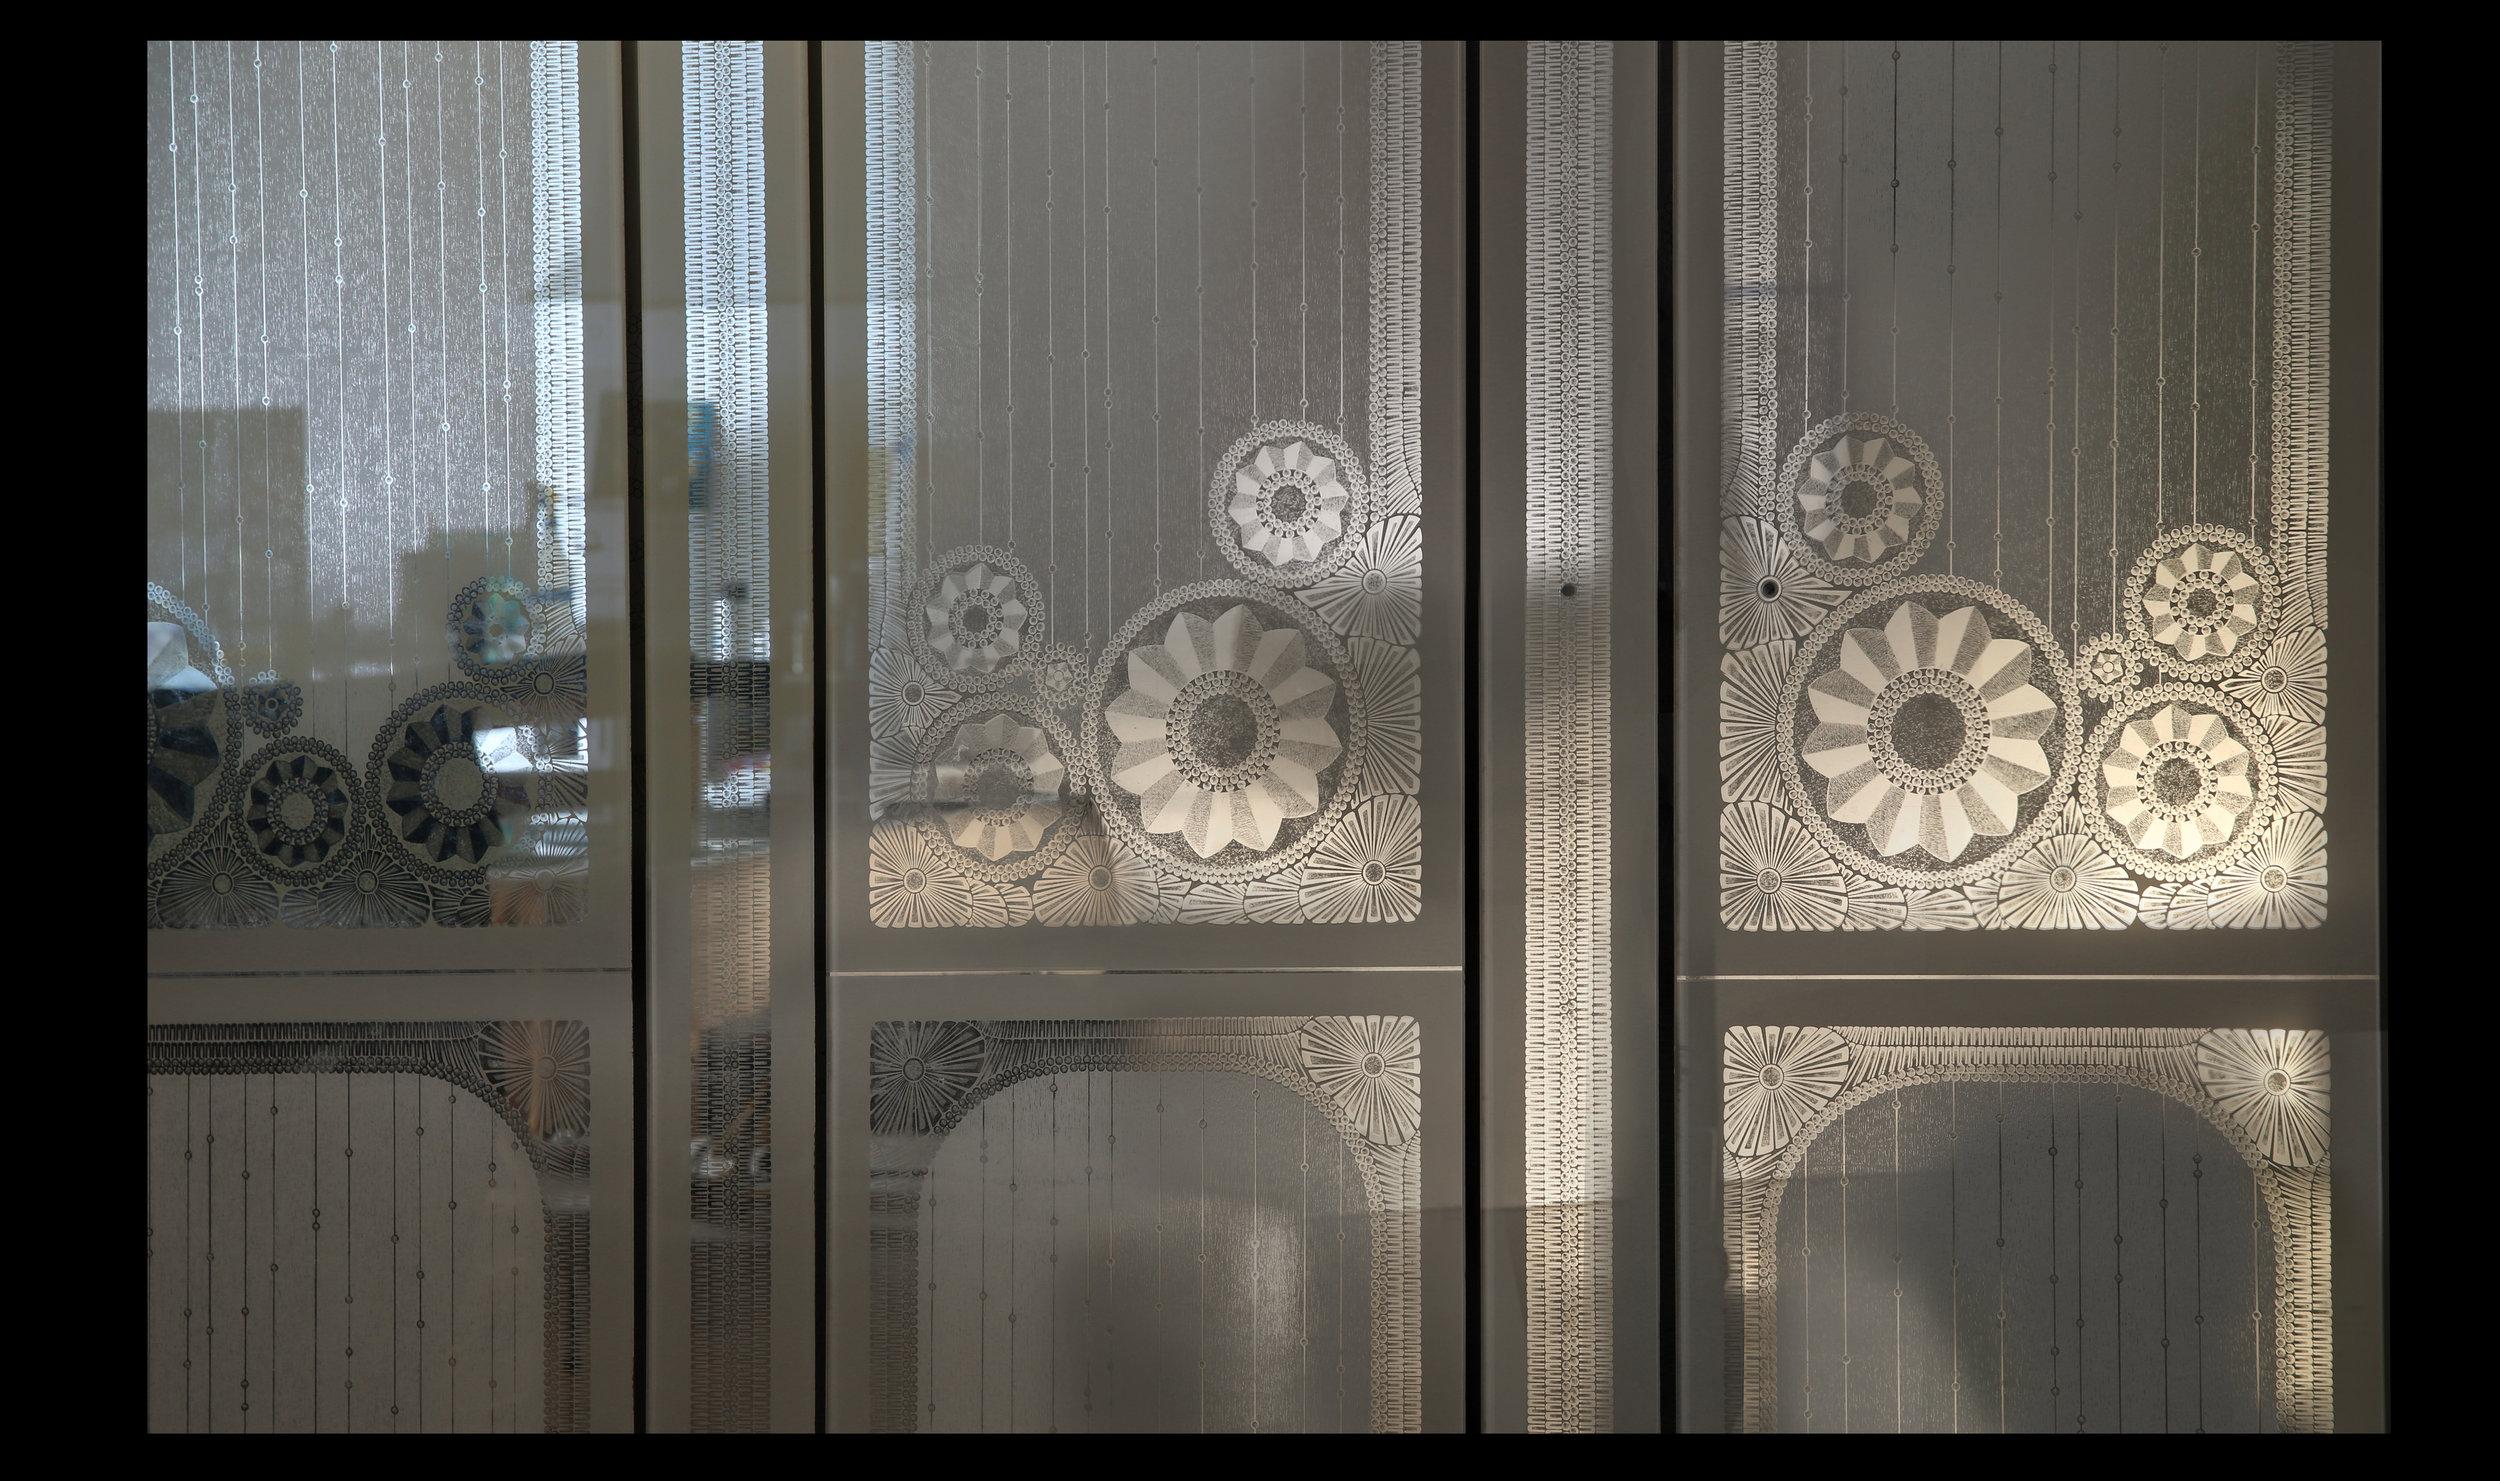 #10_E¦üGLOMISE¦ü GLASS PANELS BEFORE INSTALLATION_TWG_MASTERBATH ROOM_VILLAFRANCA STUDIO.jpg